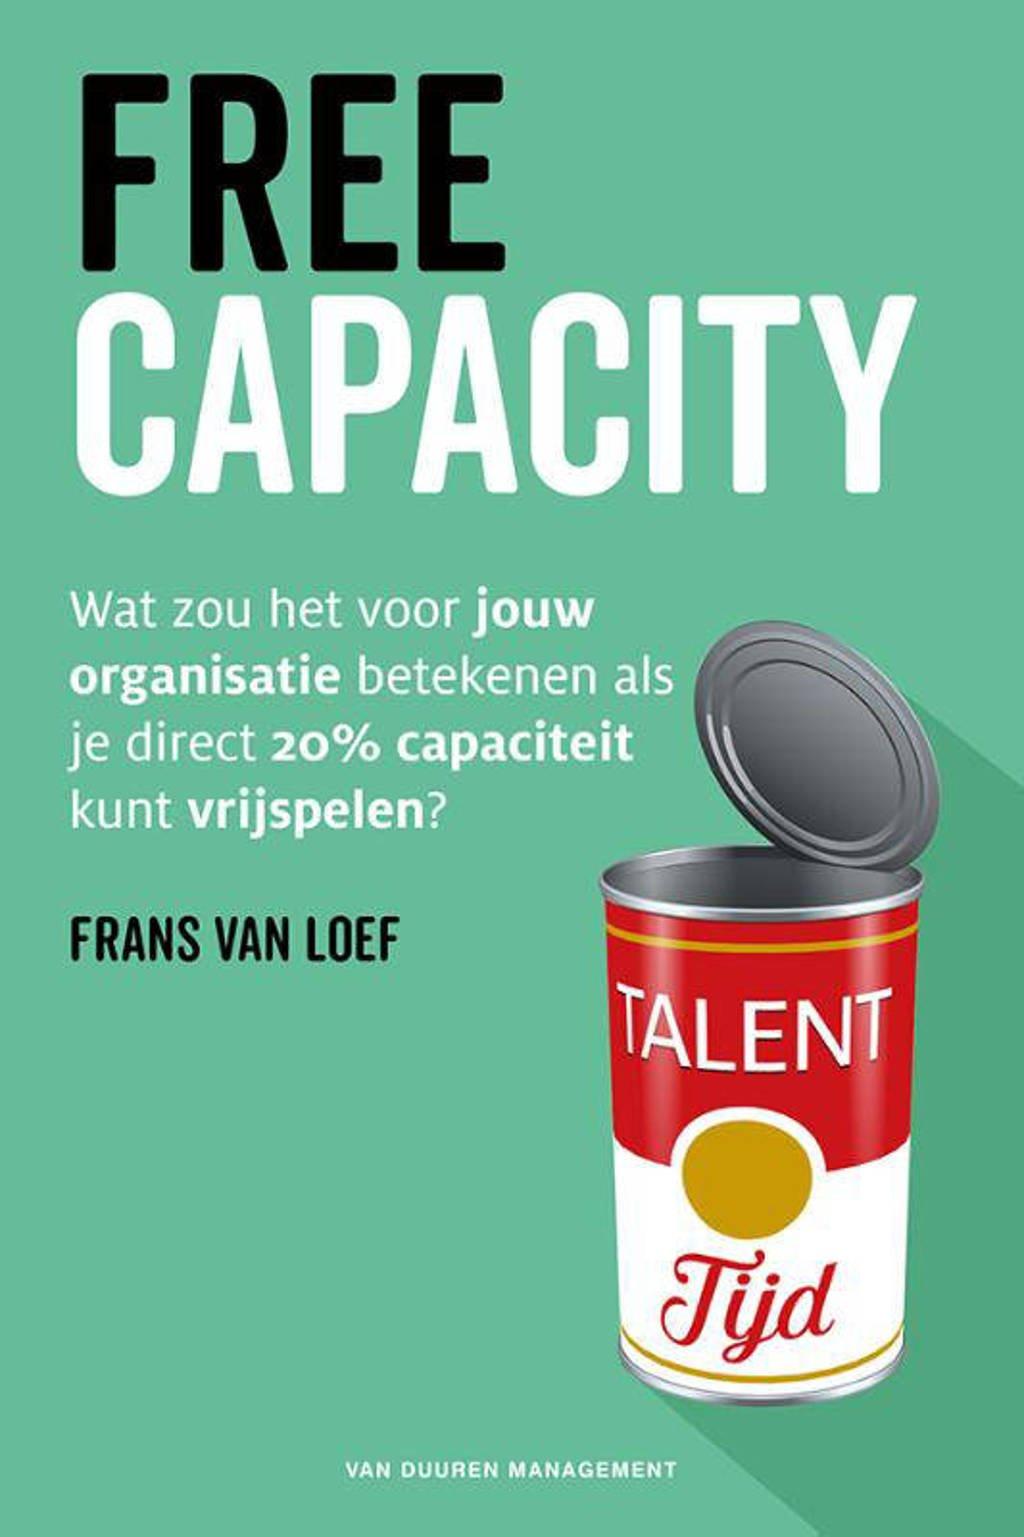 Freecapacity - Frans van Loef